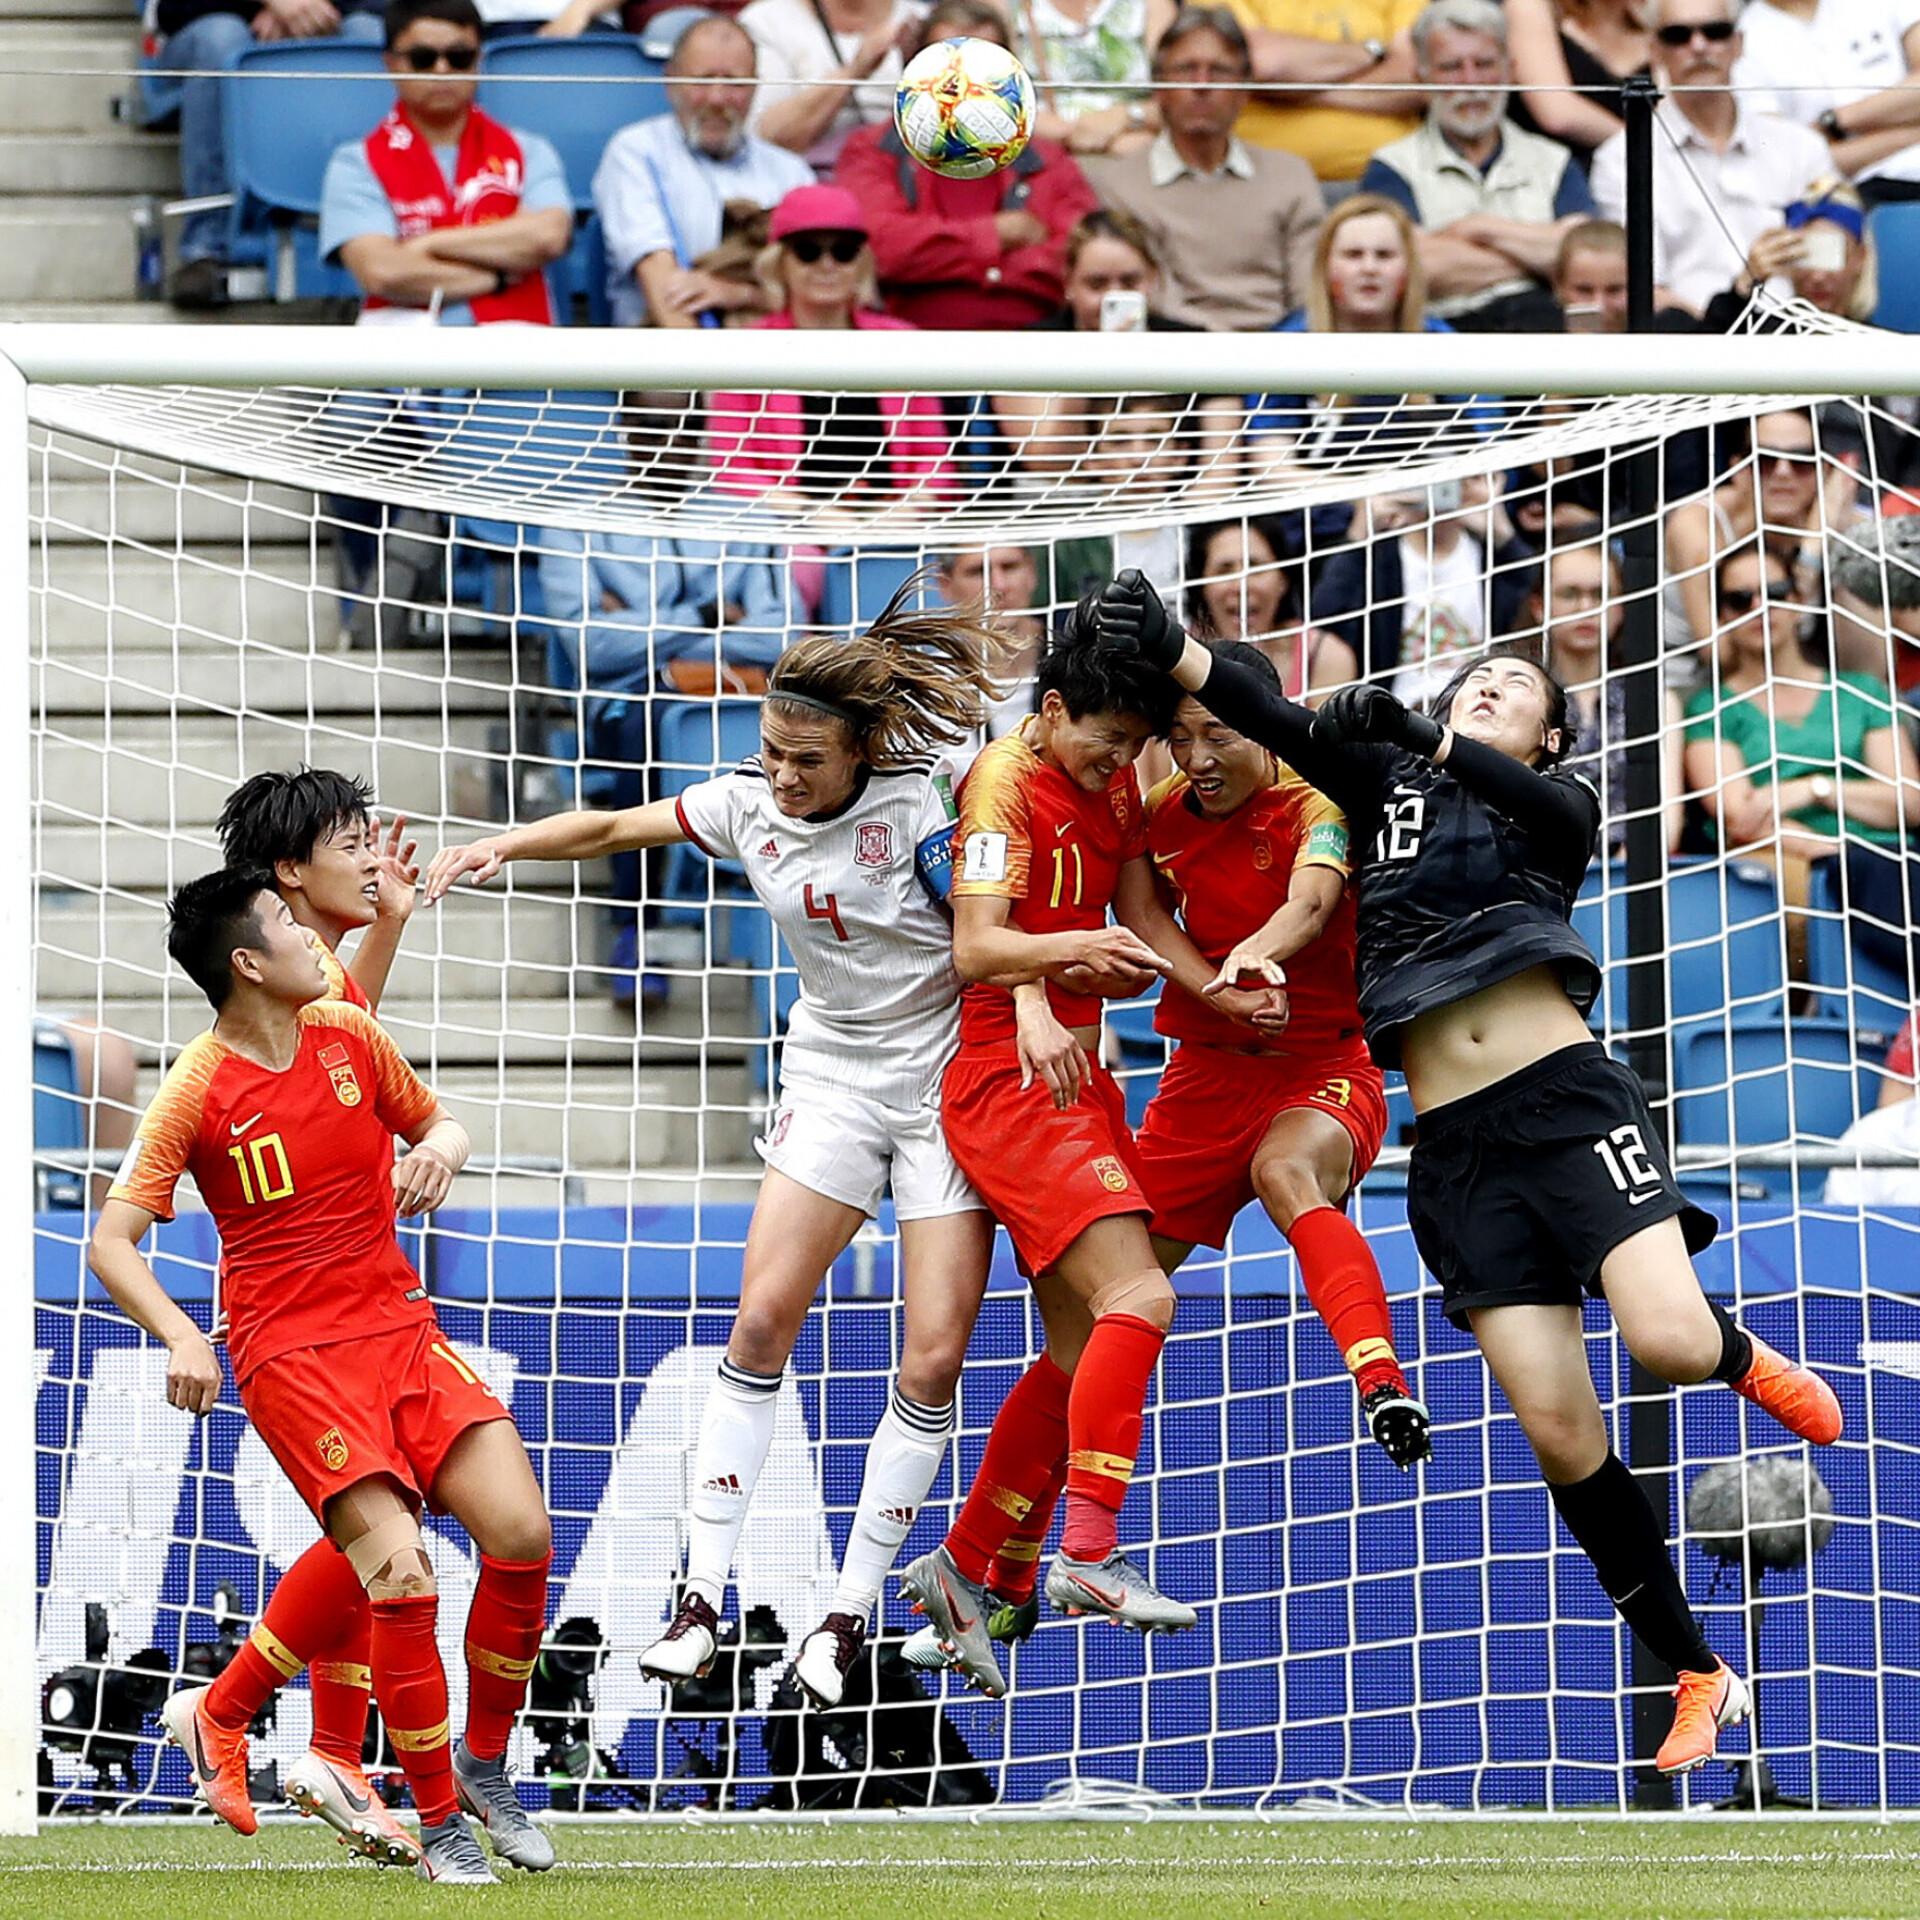 a0c9e29e620 Naiste MM: Hispaania ja Hiina mängisid viiki, kuid mõlemad pääsesid edasi |  Jalgpall | ERR